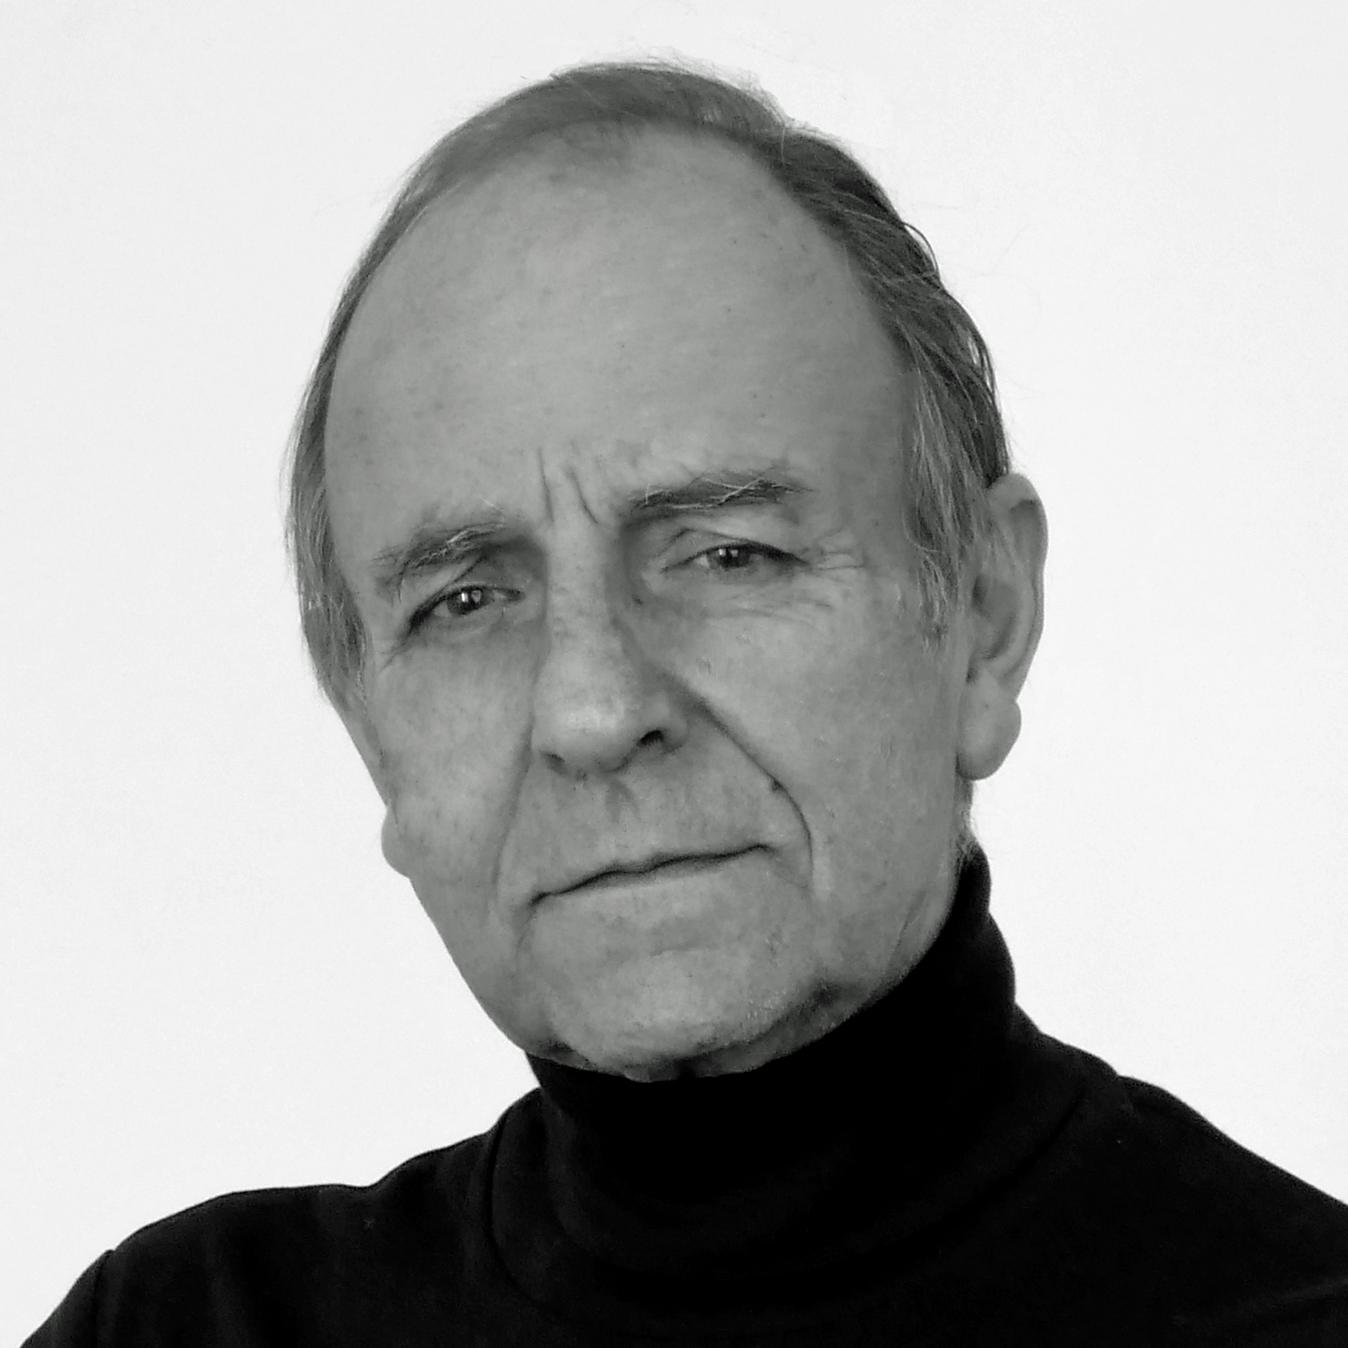 Enrique Aparicio